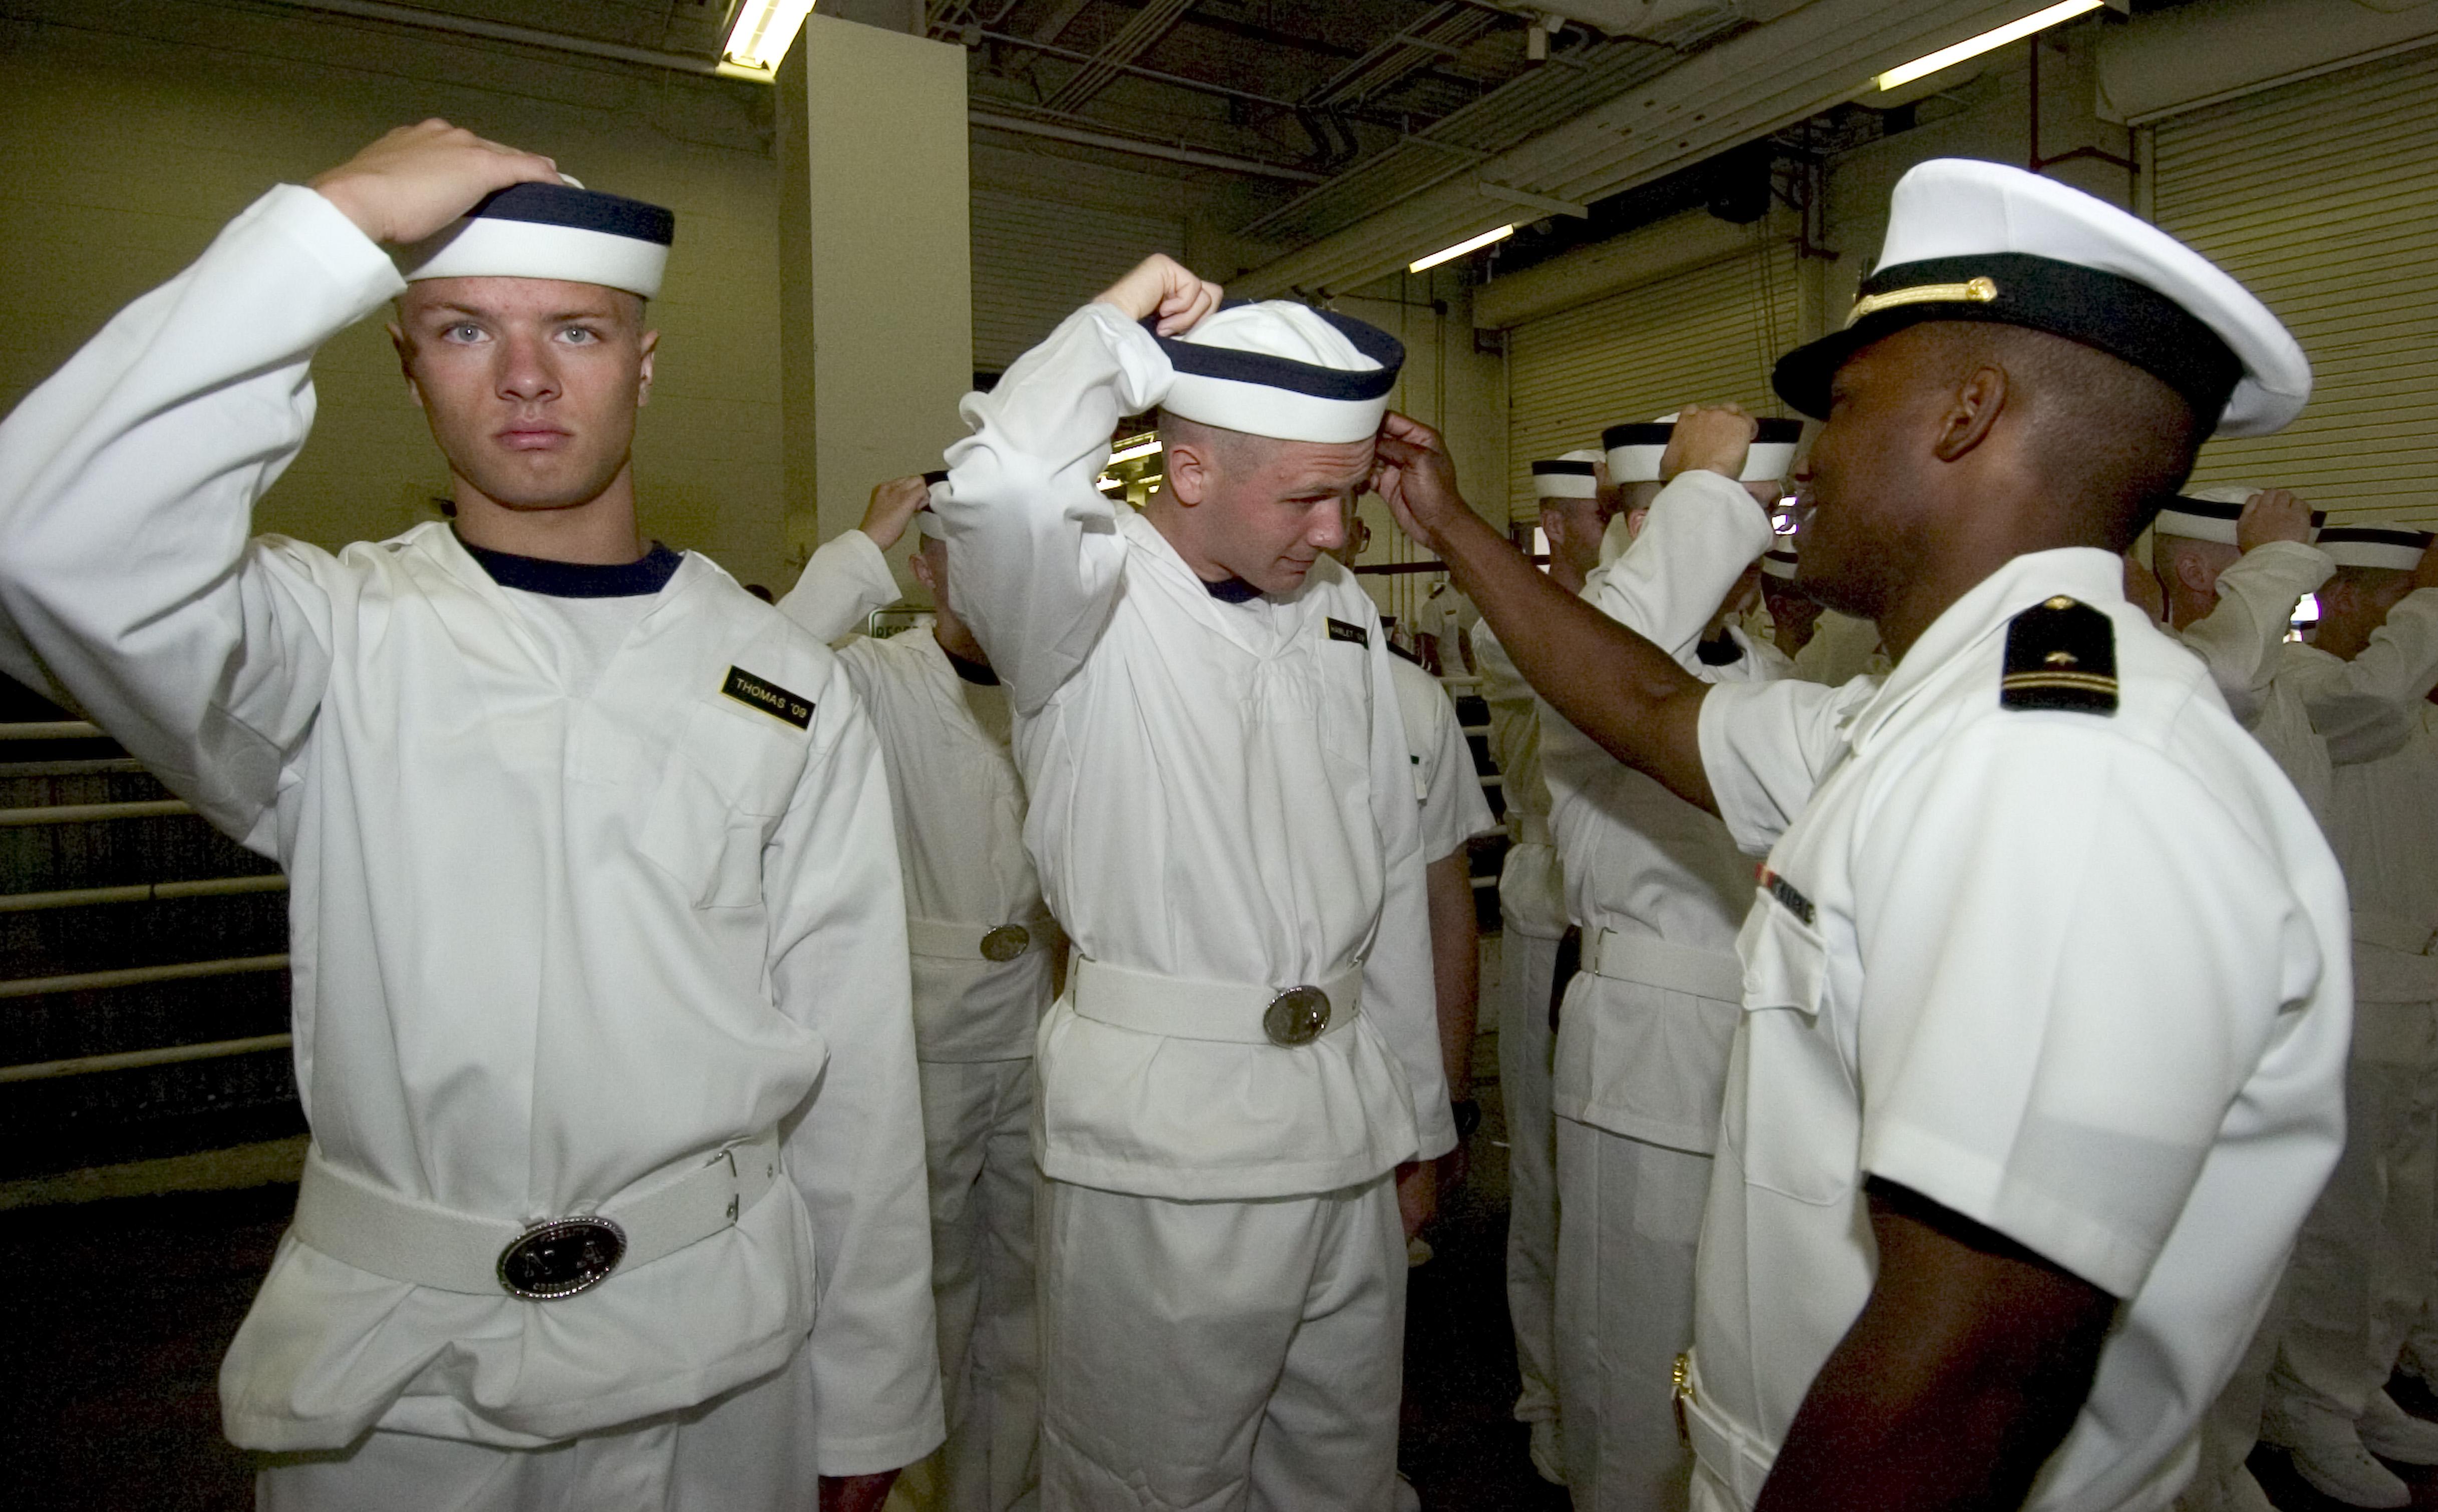 Navy Midshipman Killed on Amtrak Train